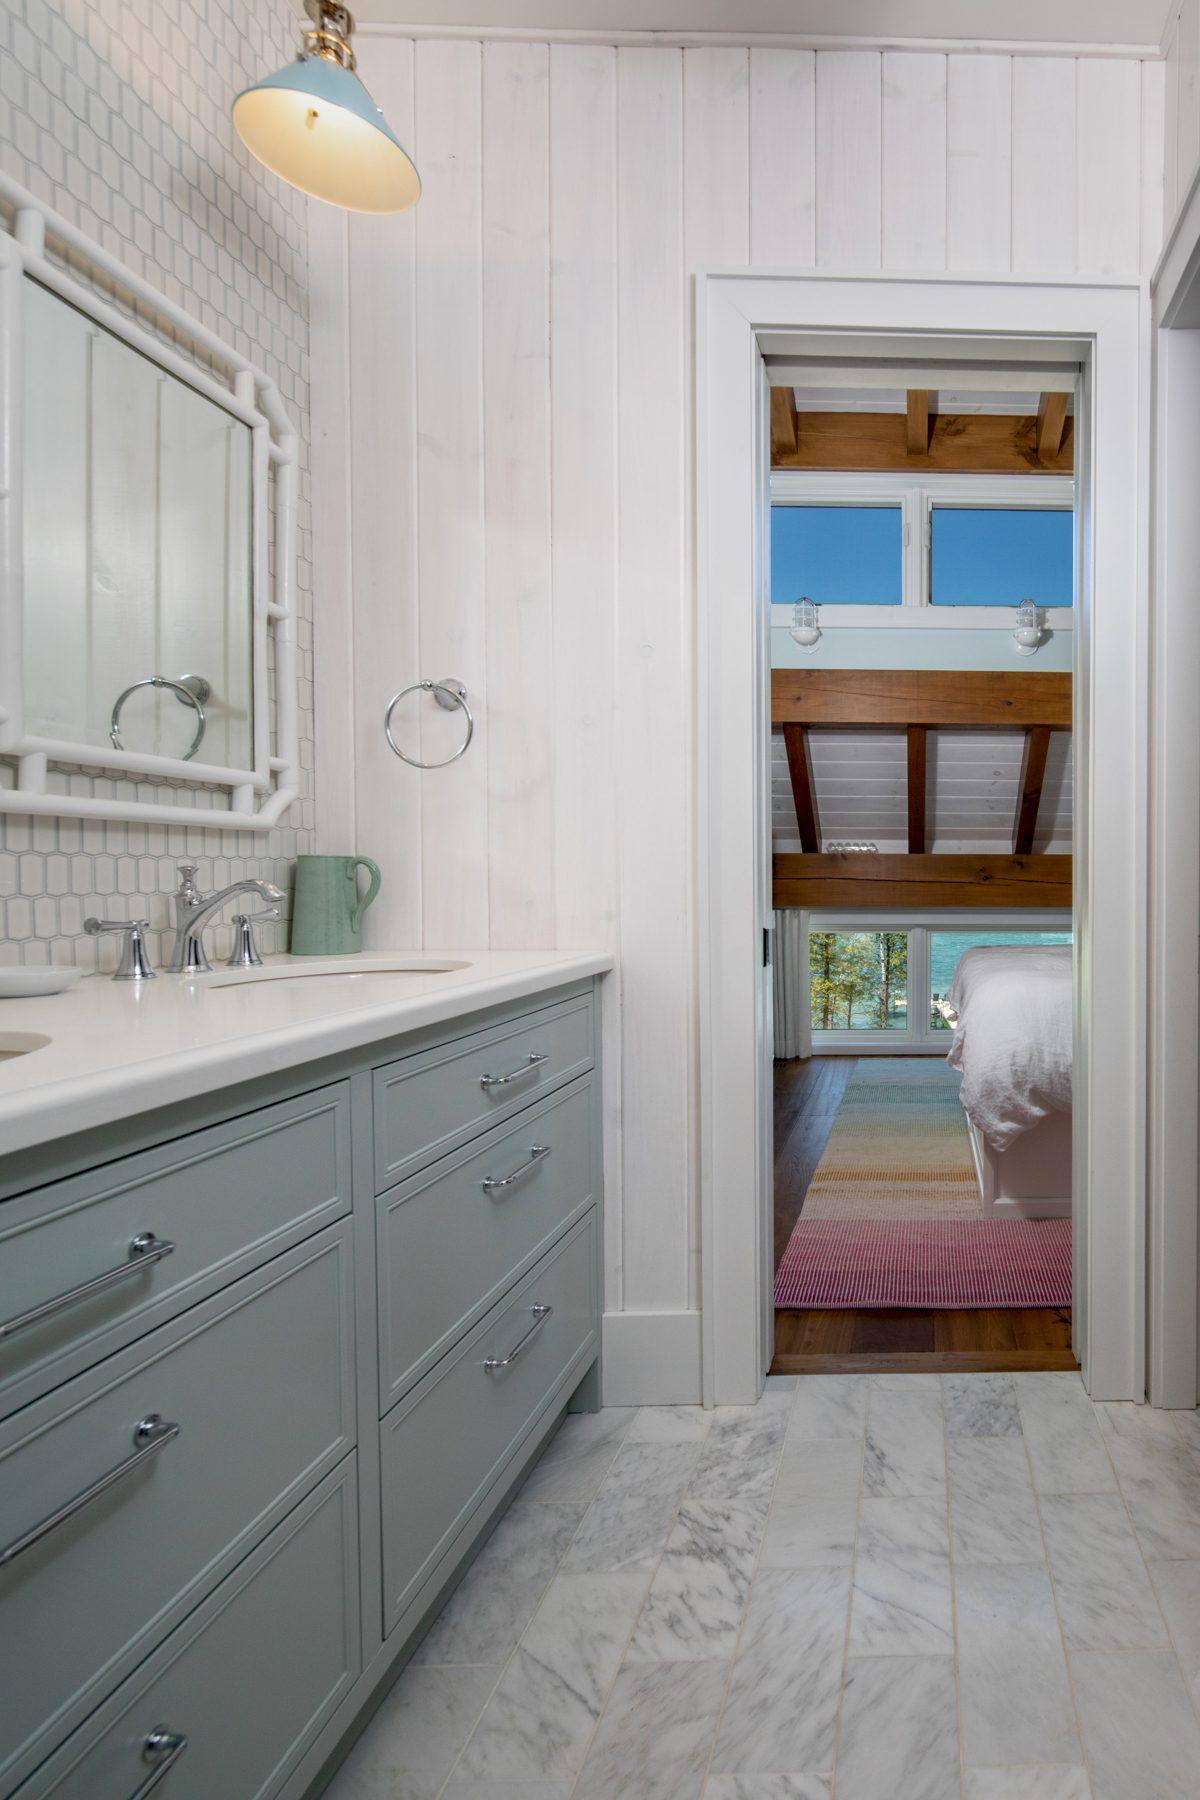 Normerica-Timber-Homes-Timber-Frame-Portfolio-Beachside-Bliss-Interior-Shared-Bathroom-Loft